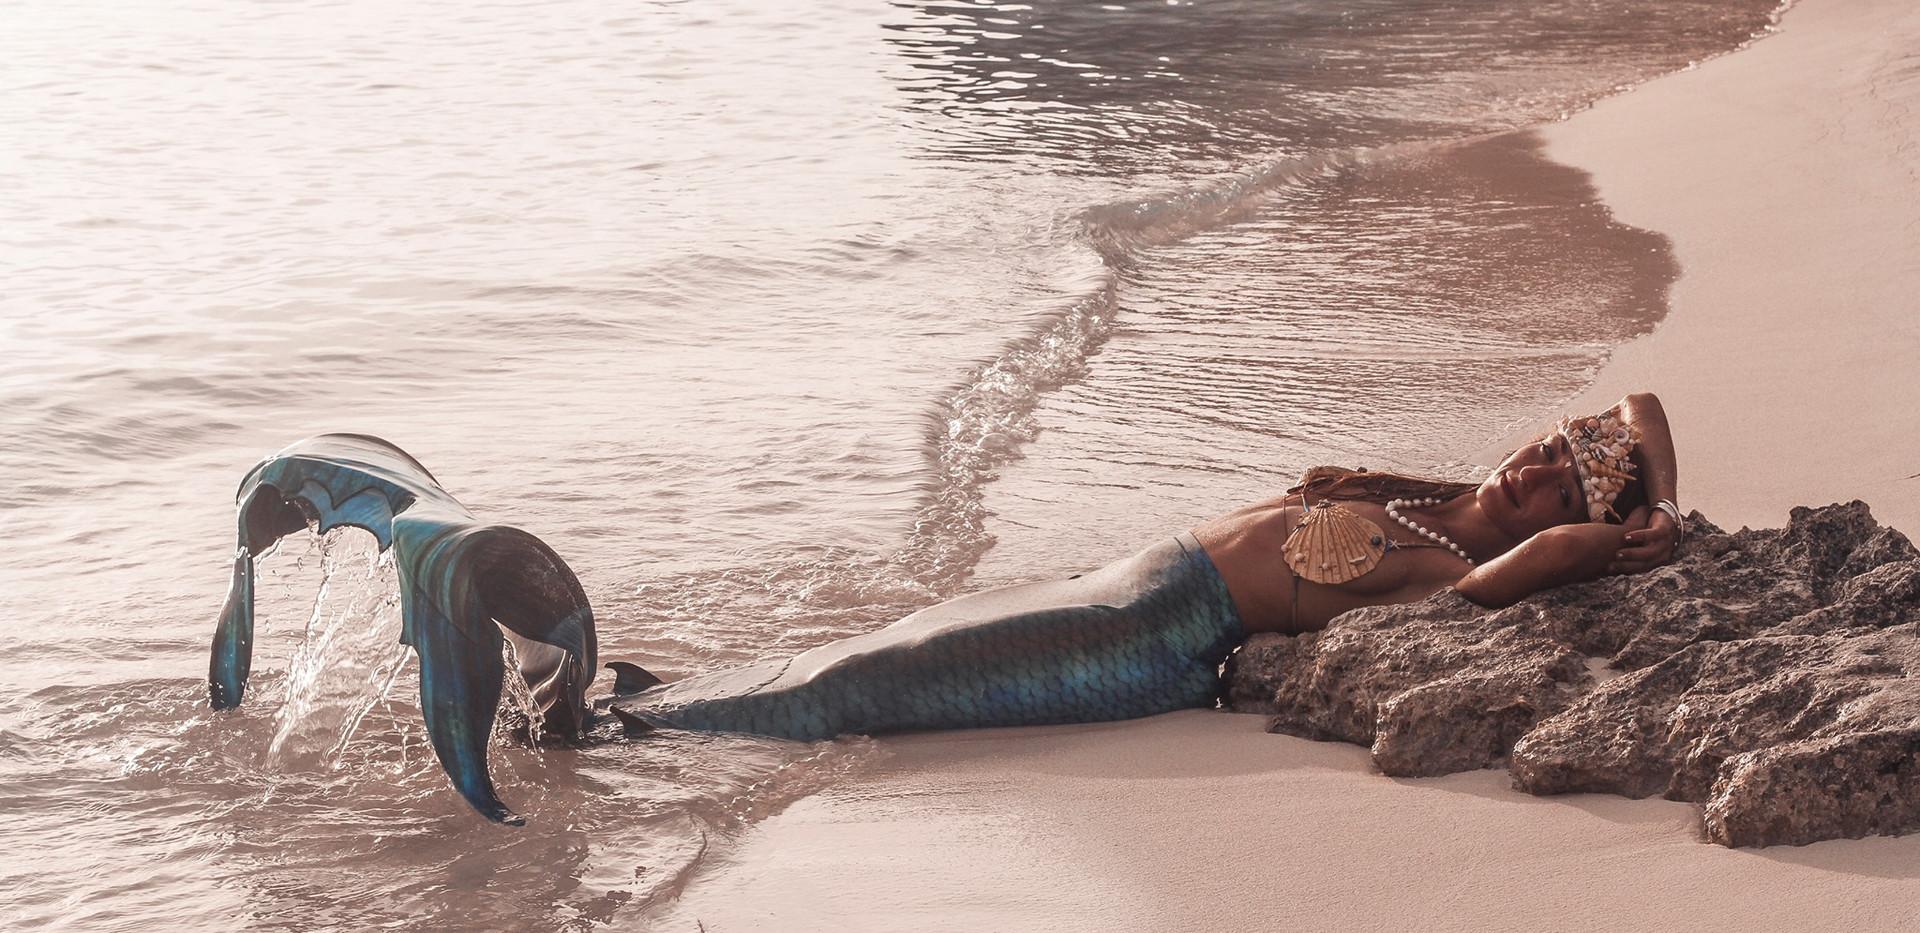 Mermaid1.jpg